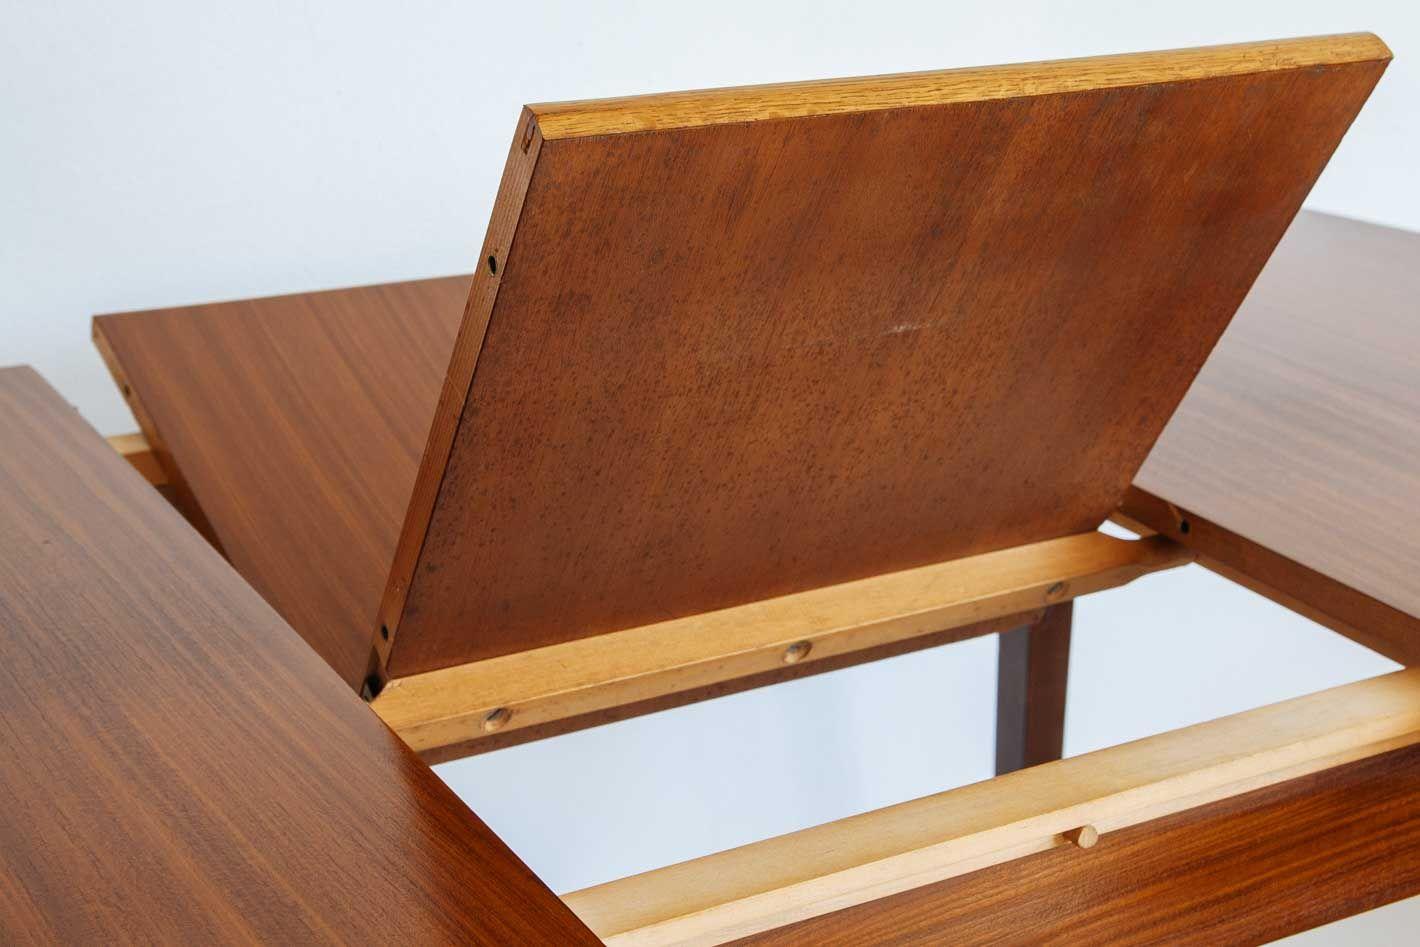 vintage holz esstisch mit erweiterbarer tischplatte bei pamono kaufen. Black Bedroom Furniture Sets. Home Design Ideas